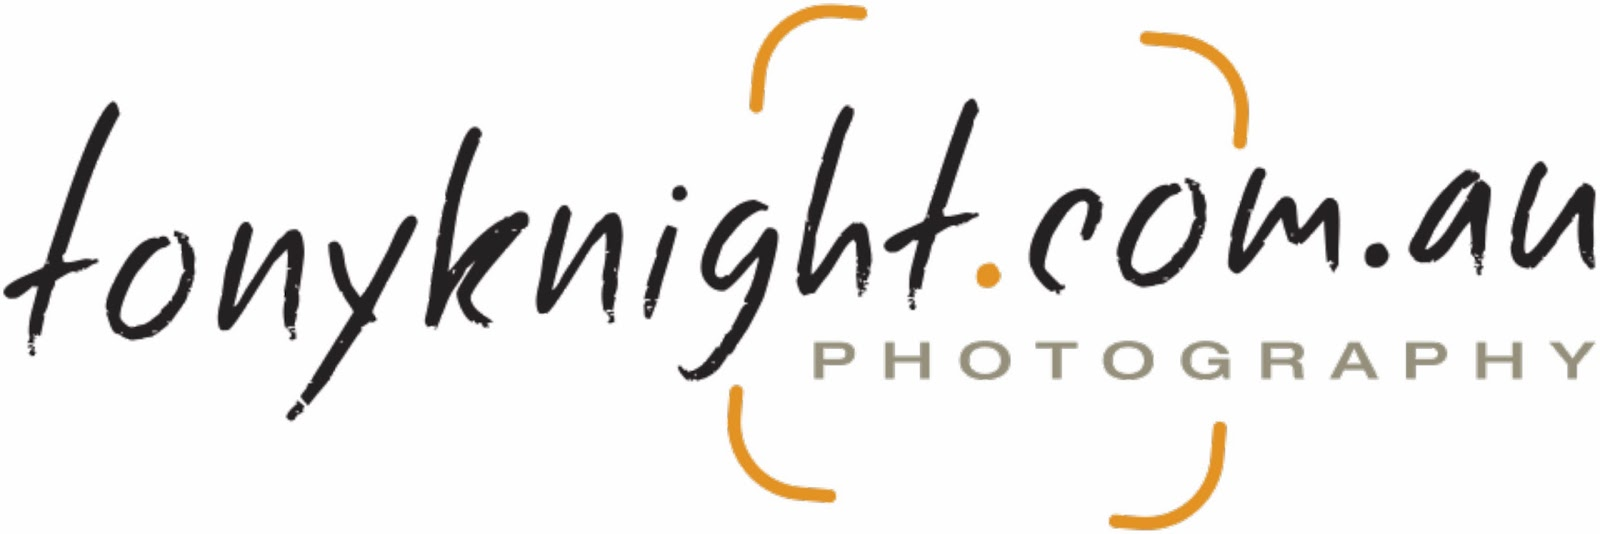 www.tonyknight.com.au